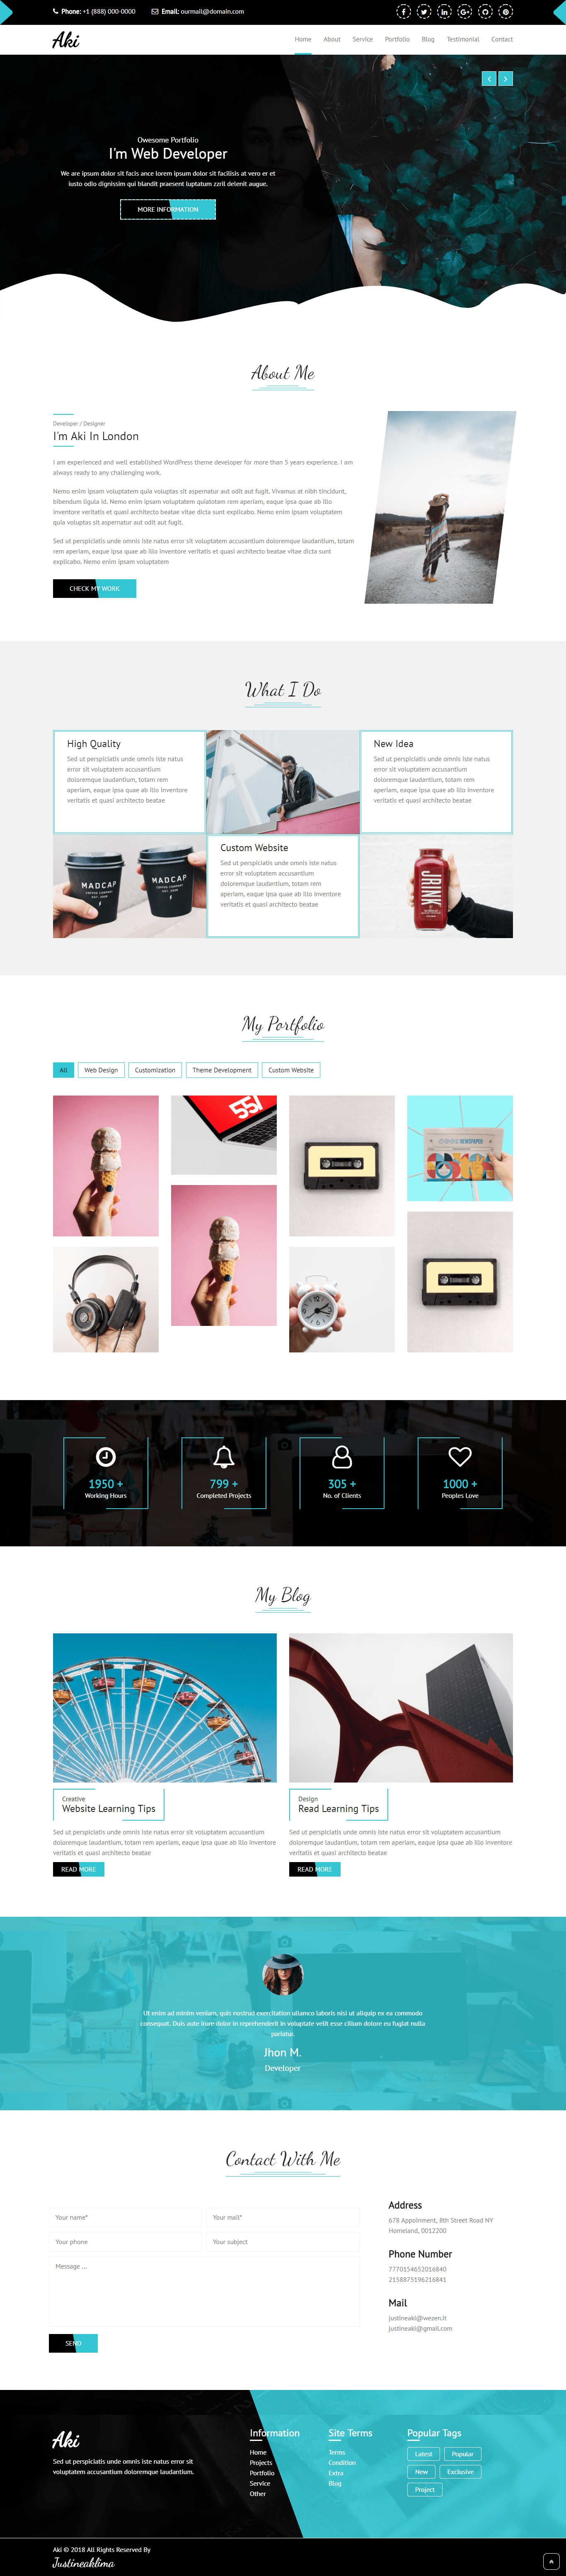 Aki - SEO Friendly One Page Portfolio HTML Theme for $15 - SEOClerks